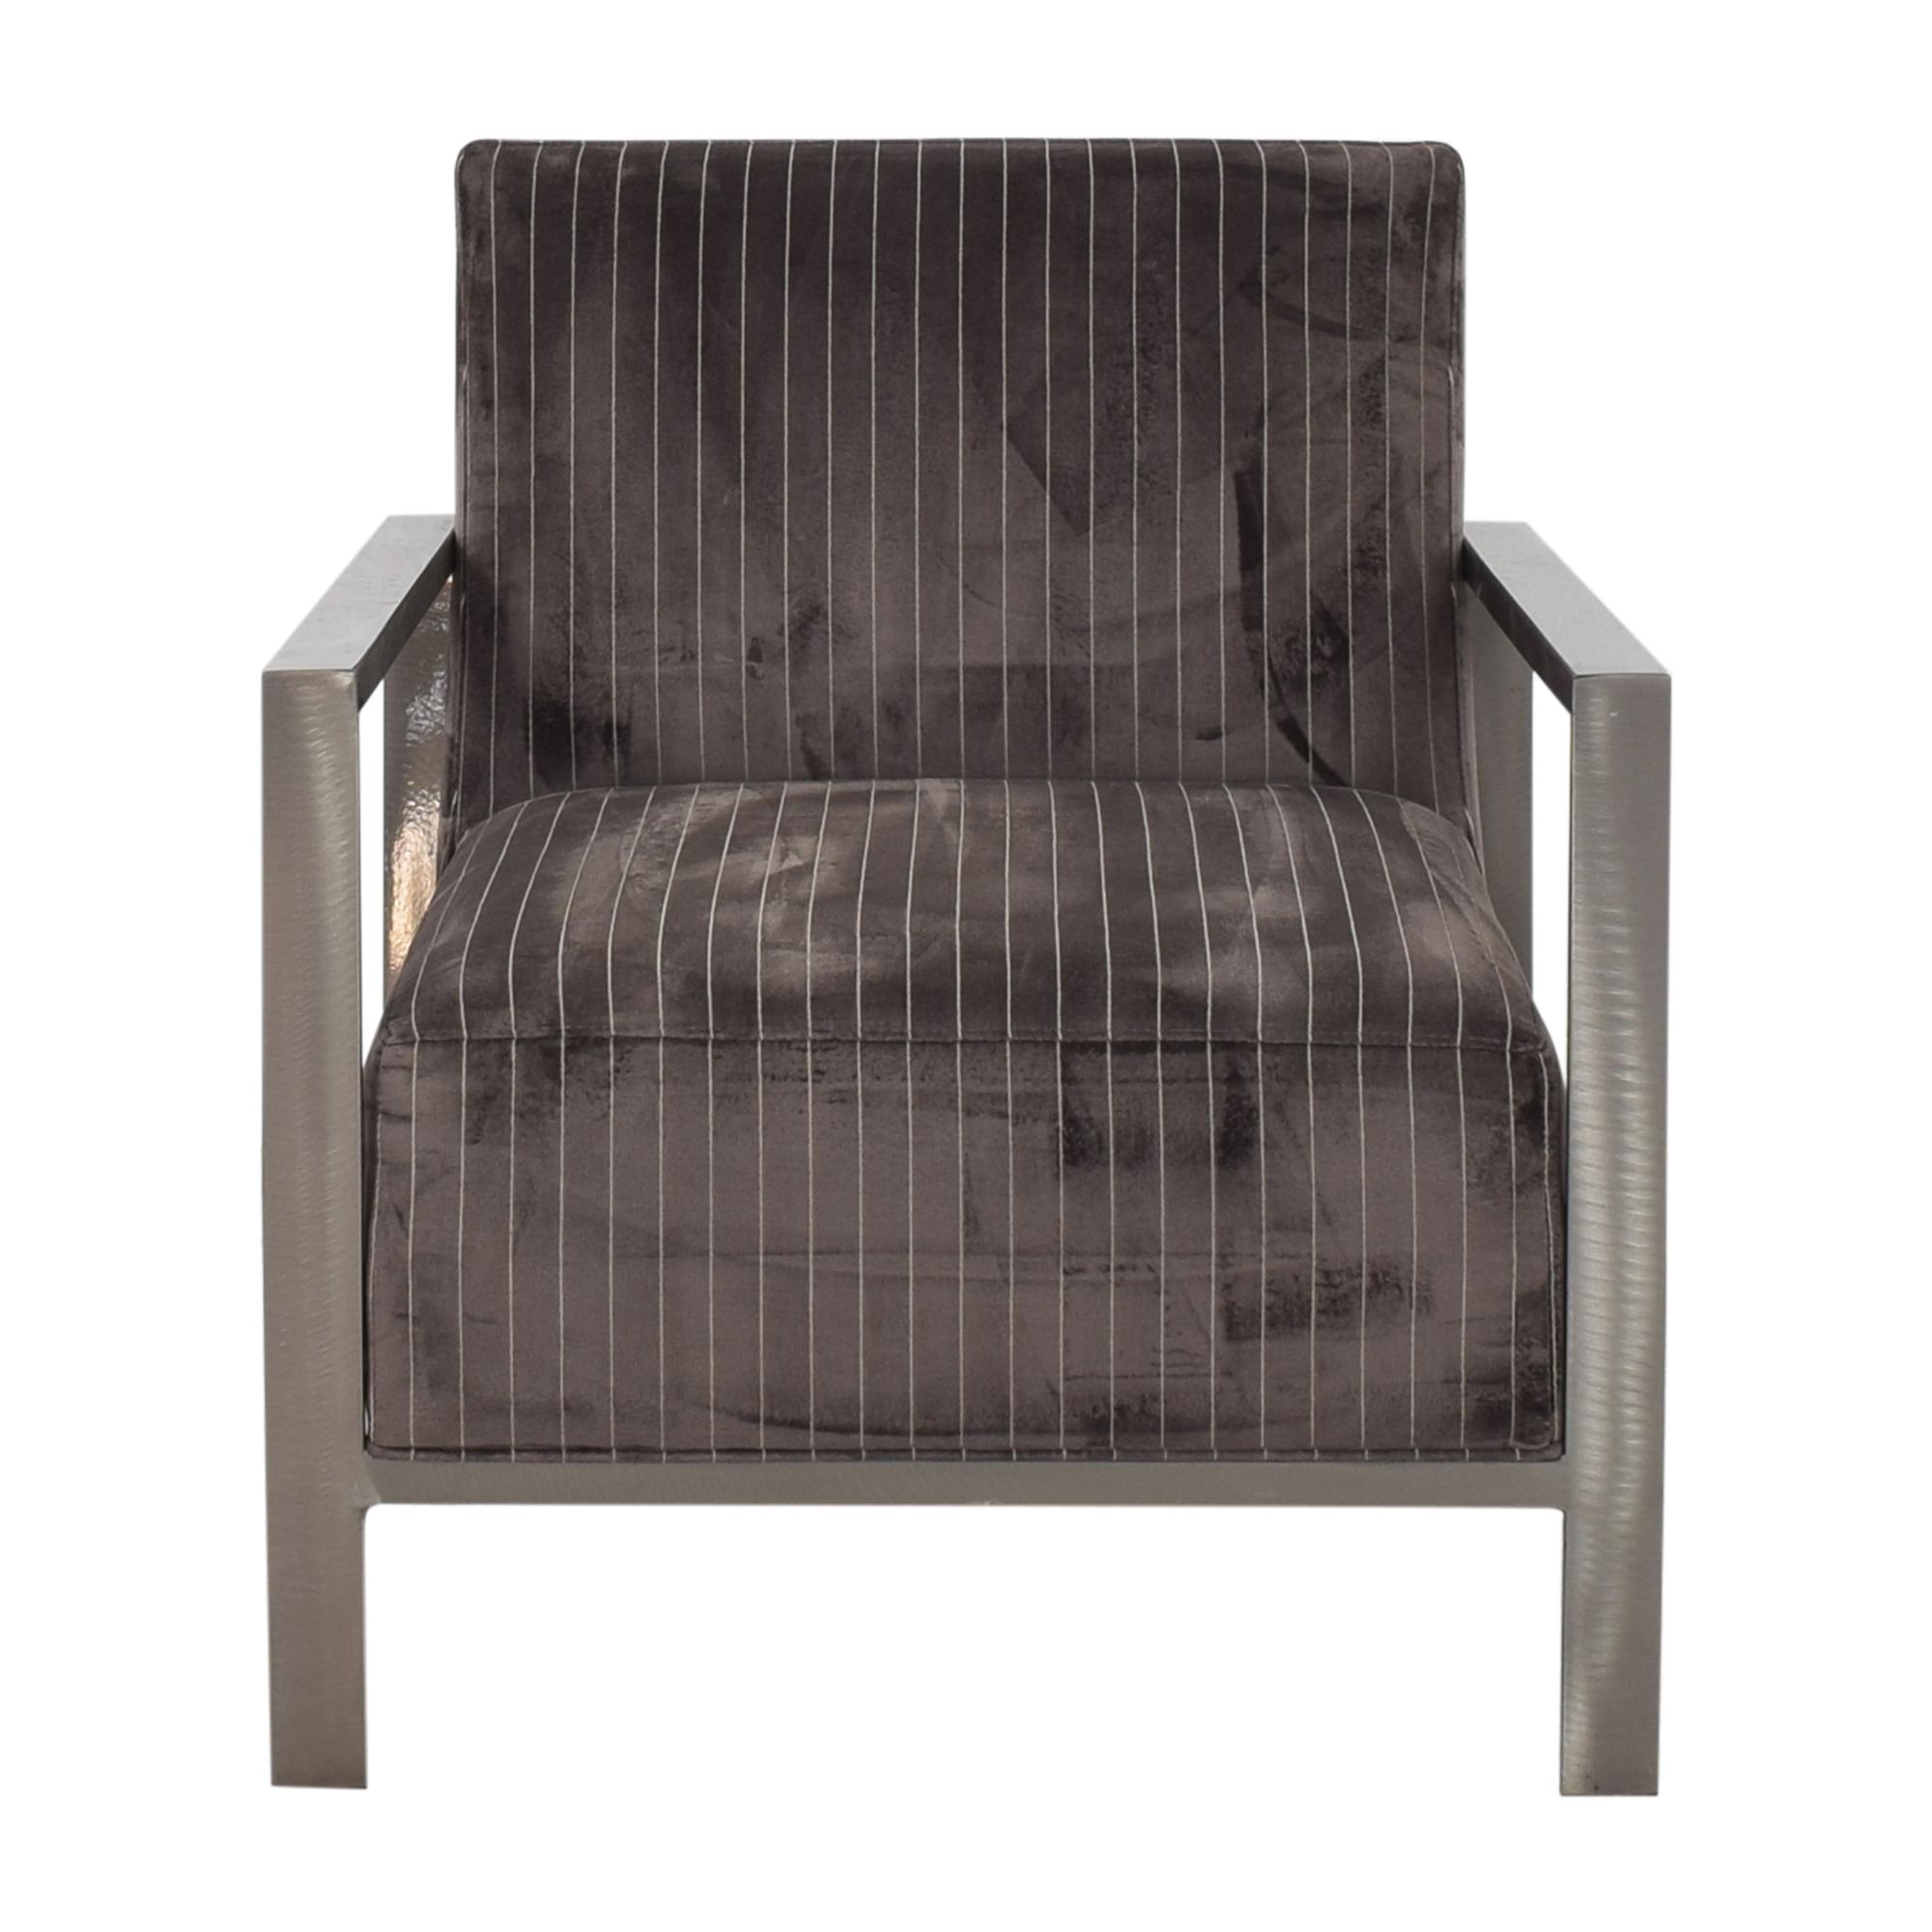 Room & Board McCreary Modern Zinc Chair  nj